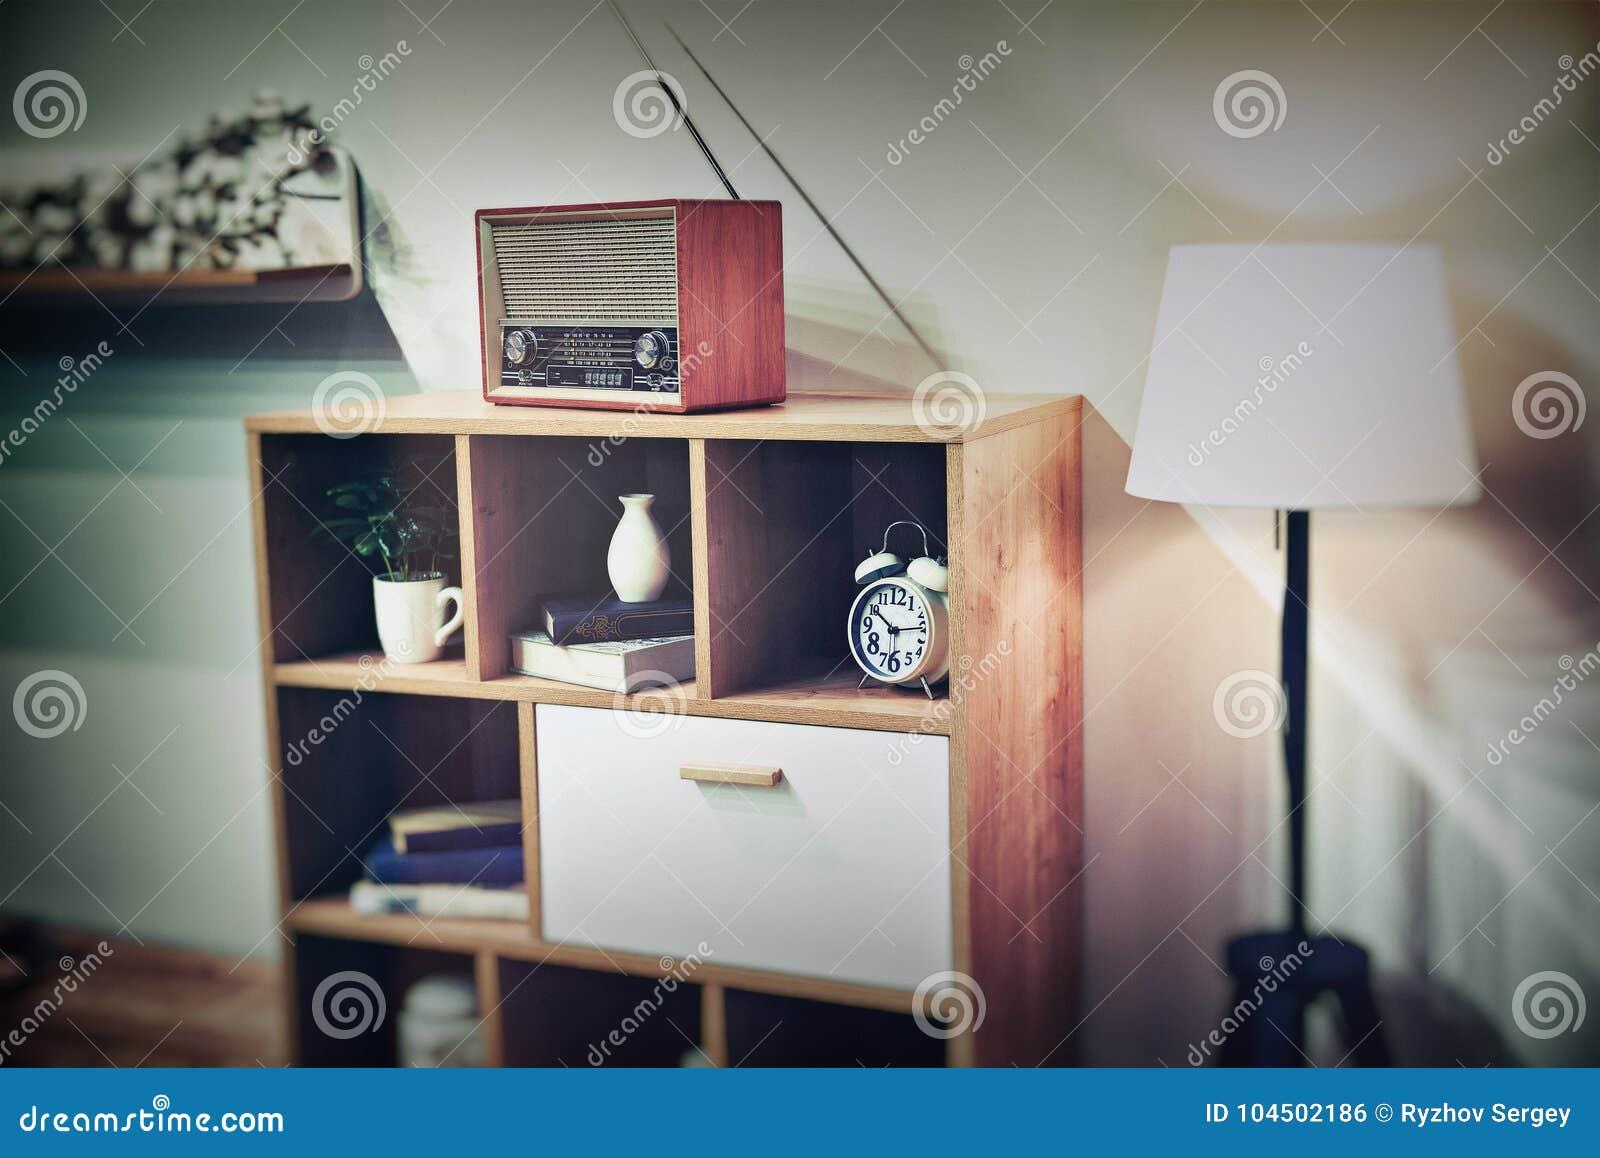 Retro interior with vintage radio